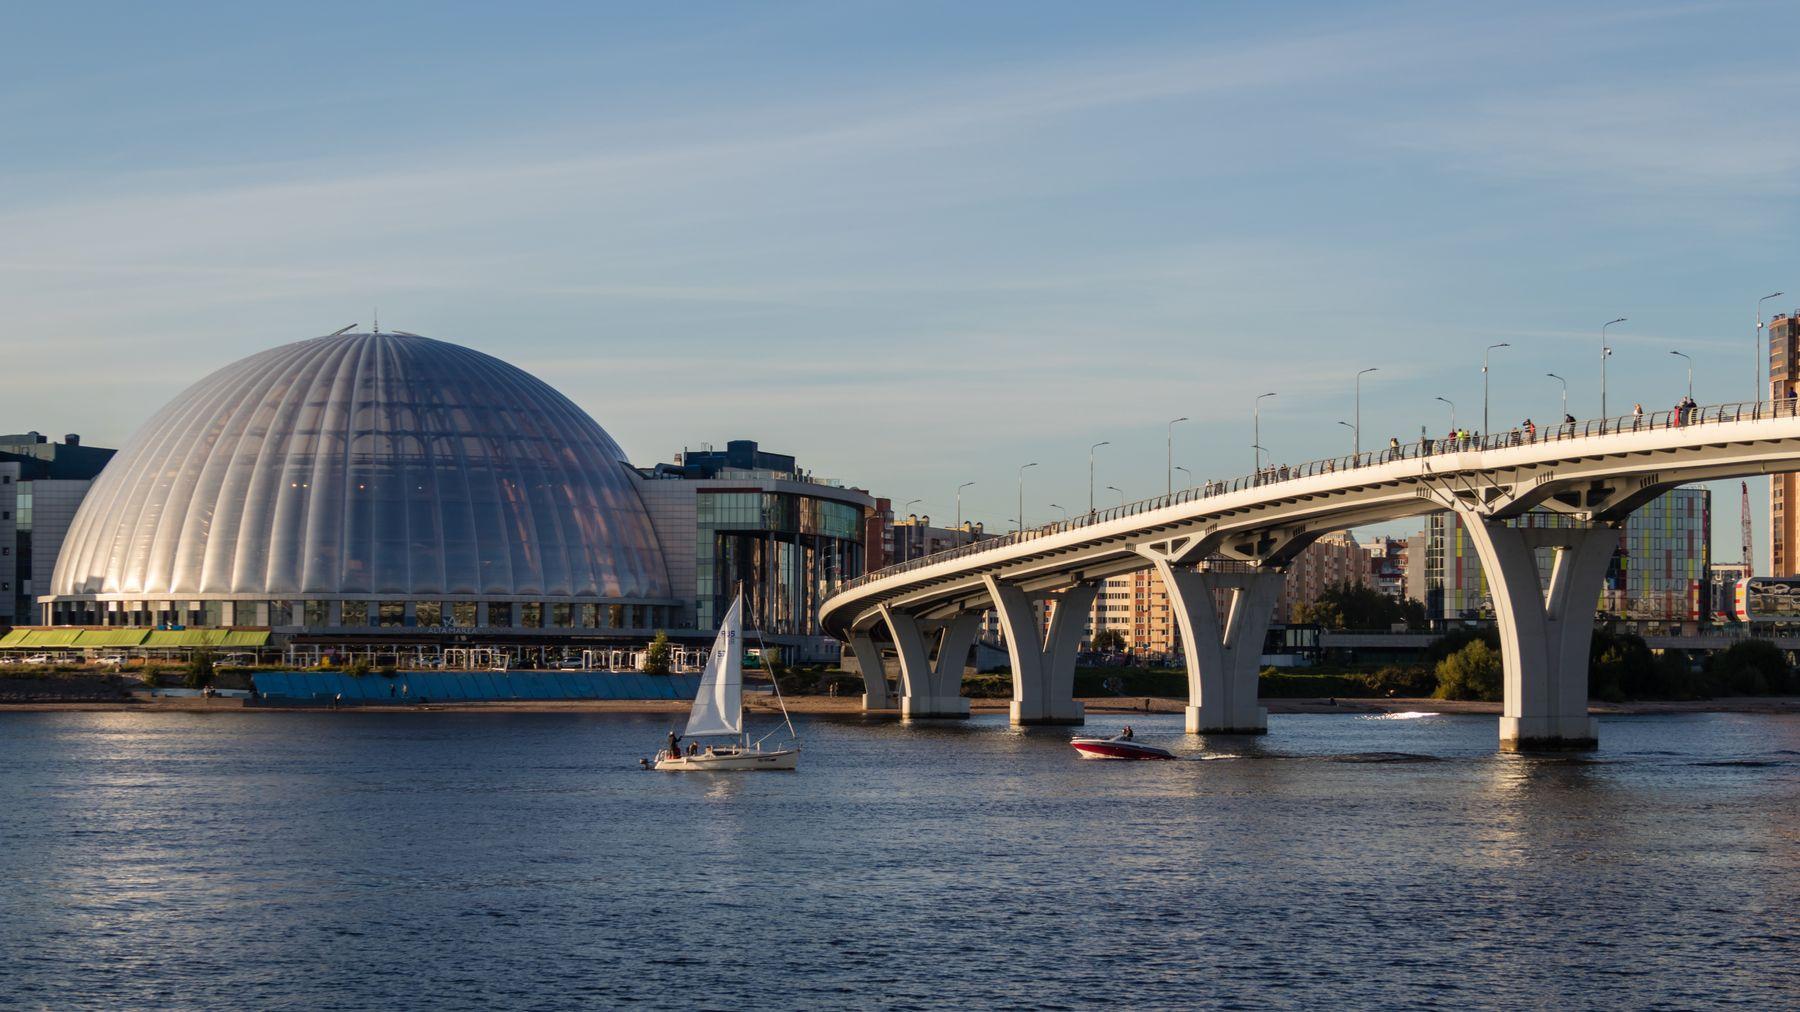 Пейзаж с аквапарком и пешеходным мостом (Санкт-Петербург)